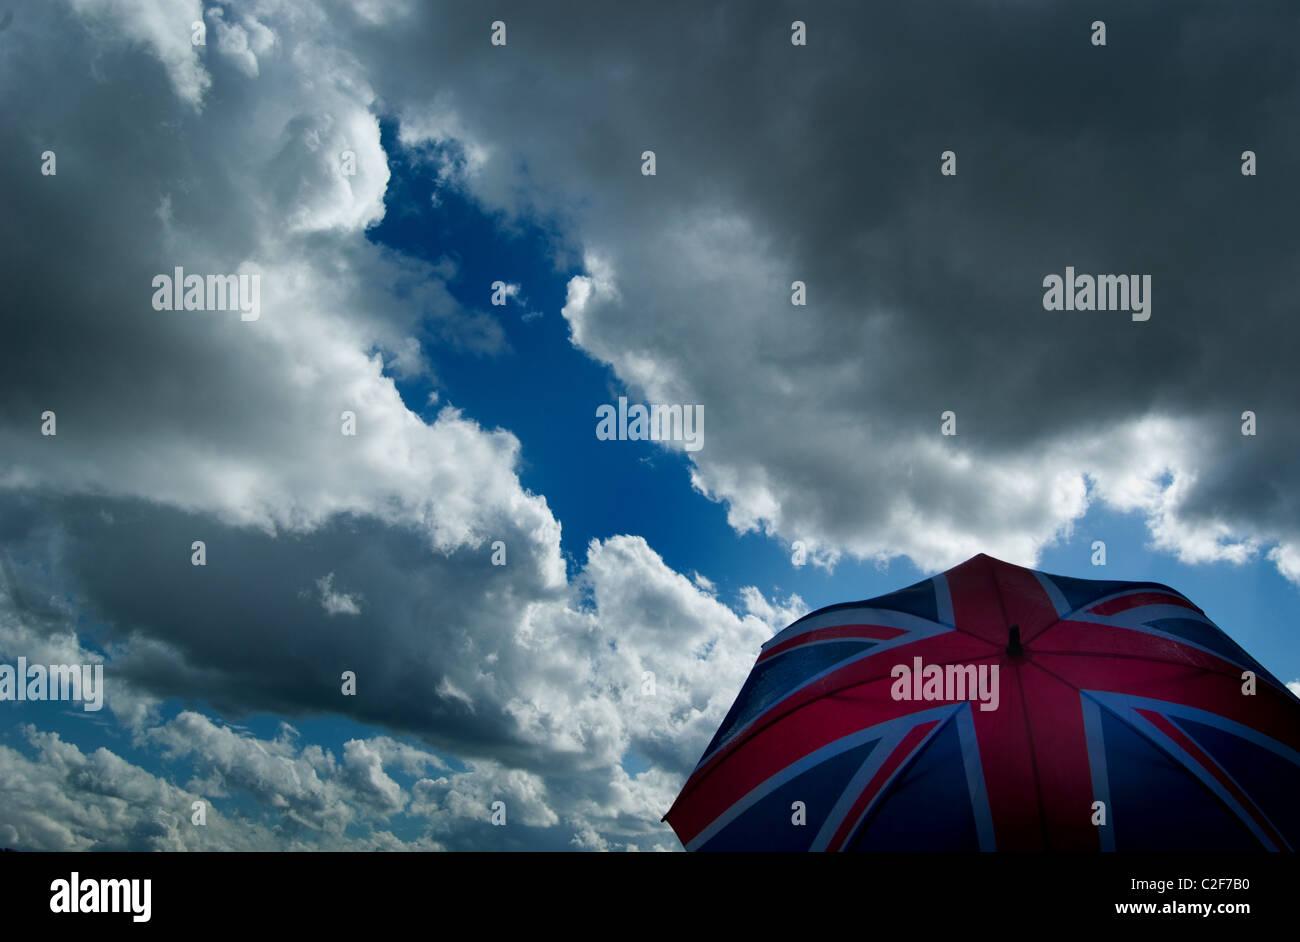 Brexit,Union jack contre un parapluie ciel nuageux, ciel d'orage. L'économie britannique / météo Photo Stock